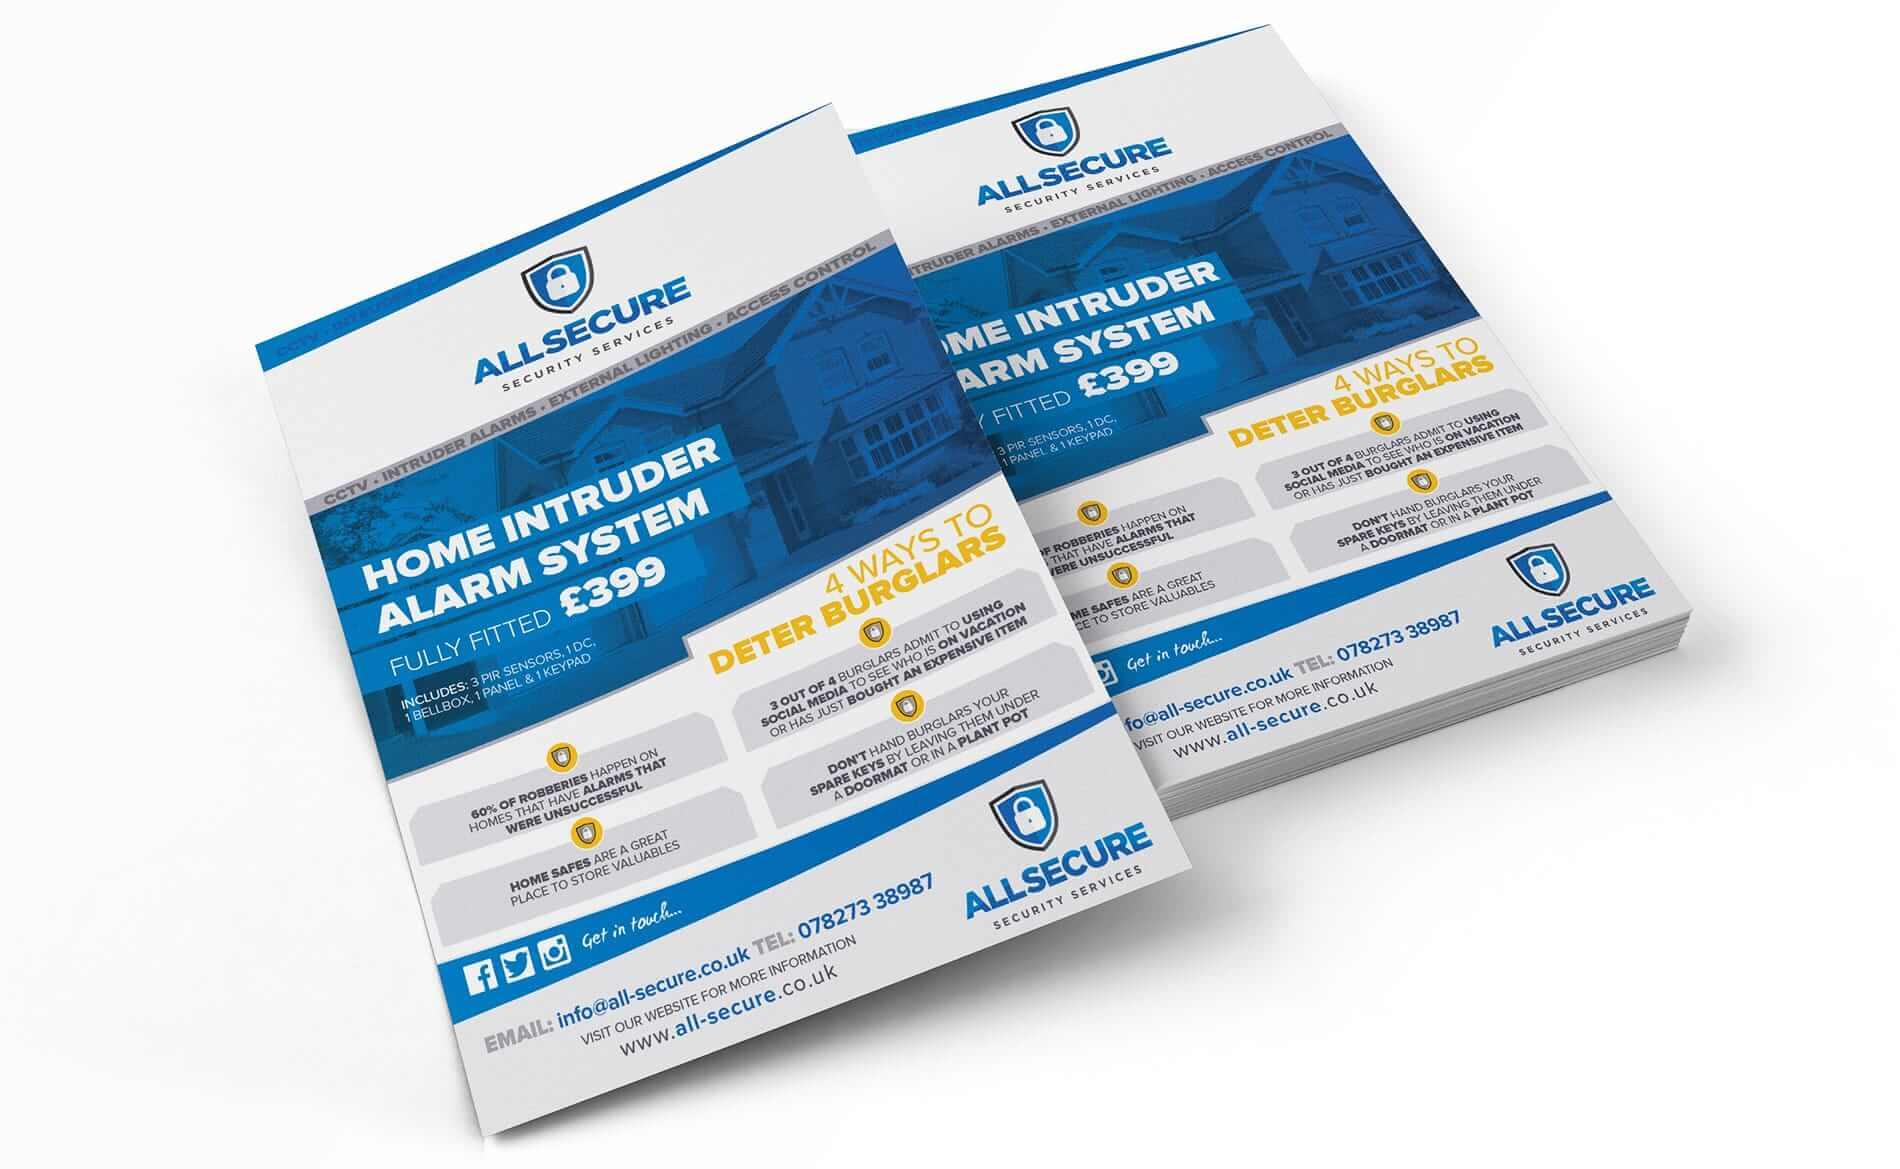 leaflet distribution costs